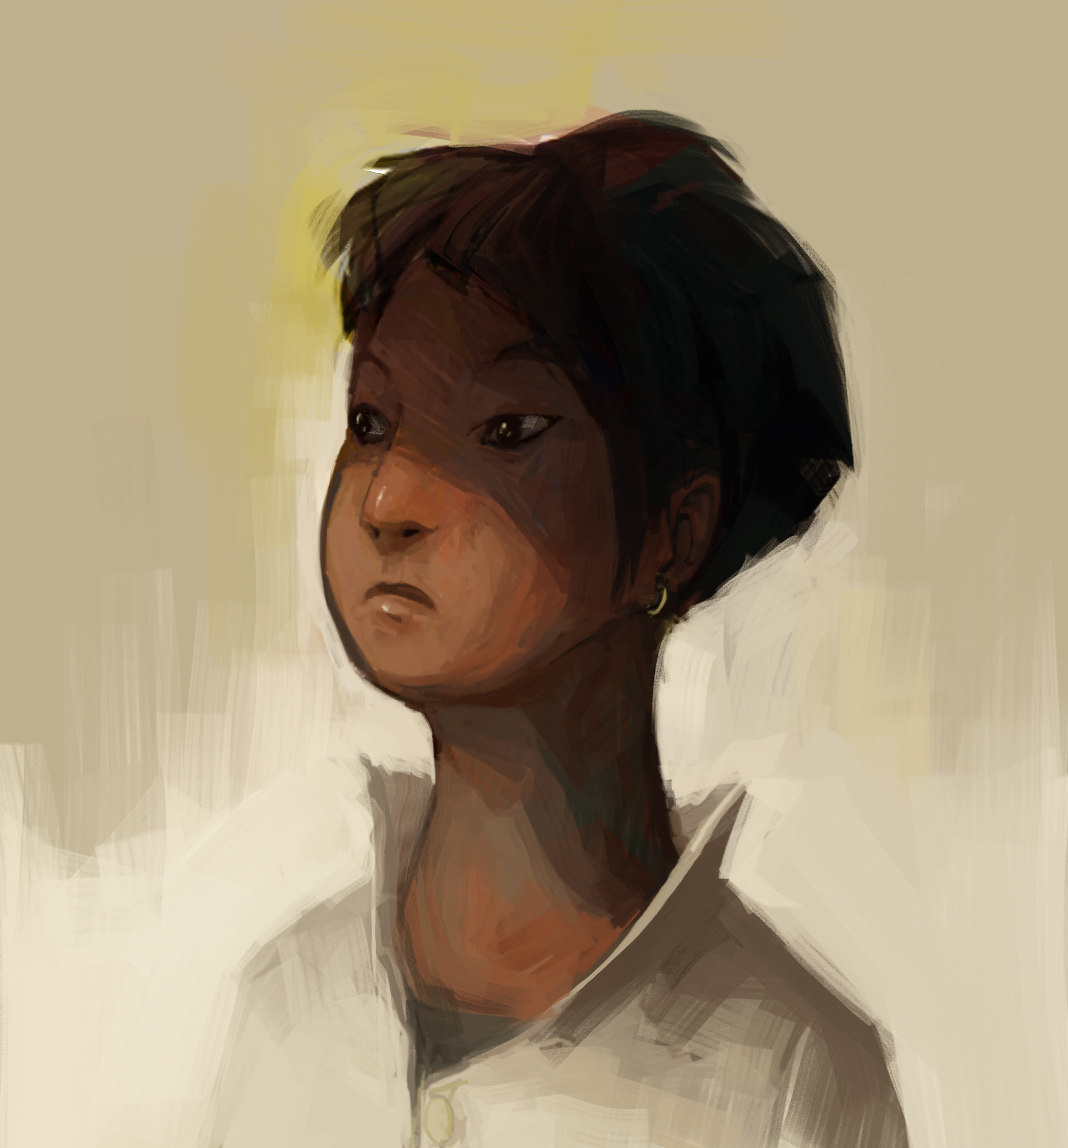 merc kid